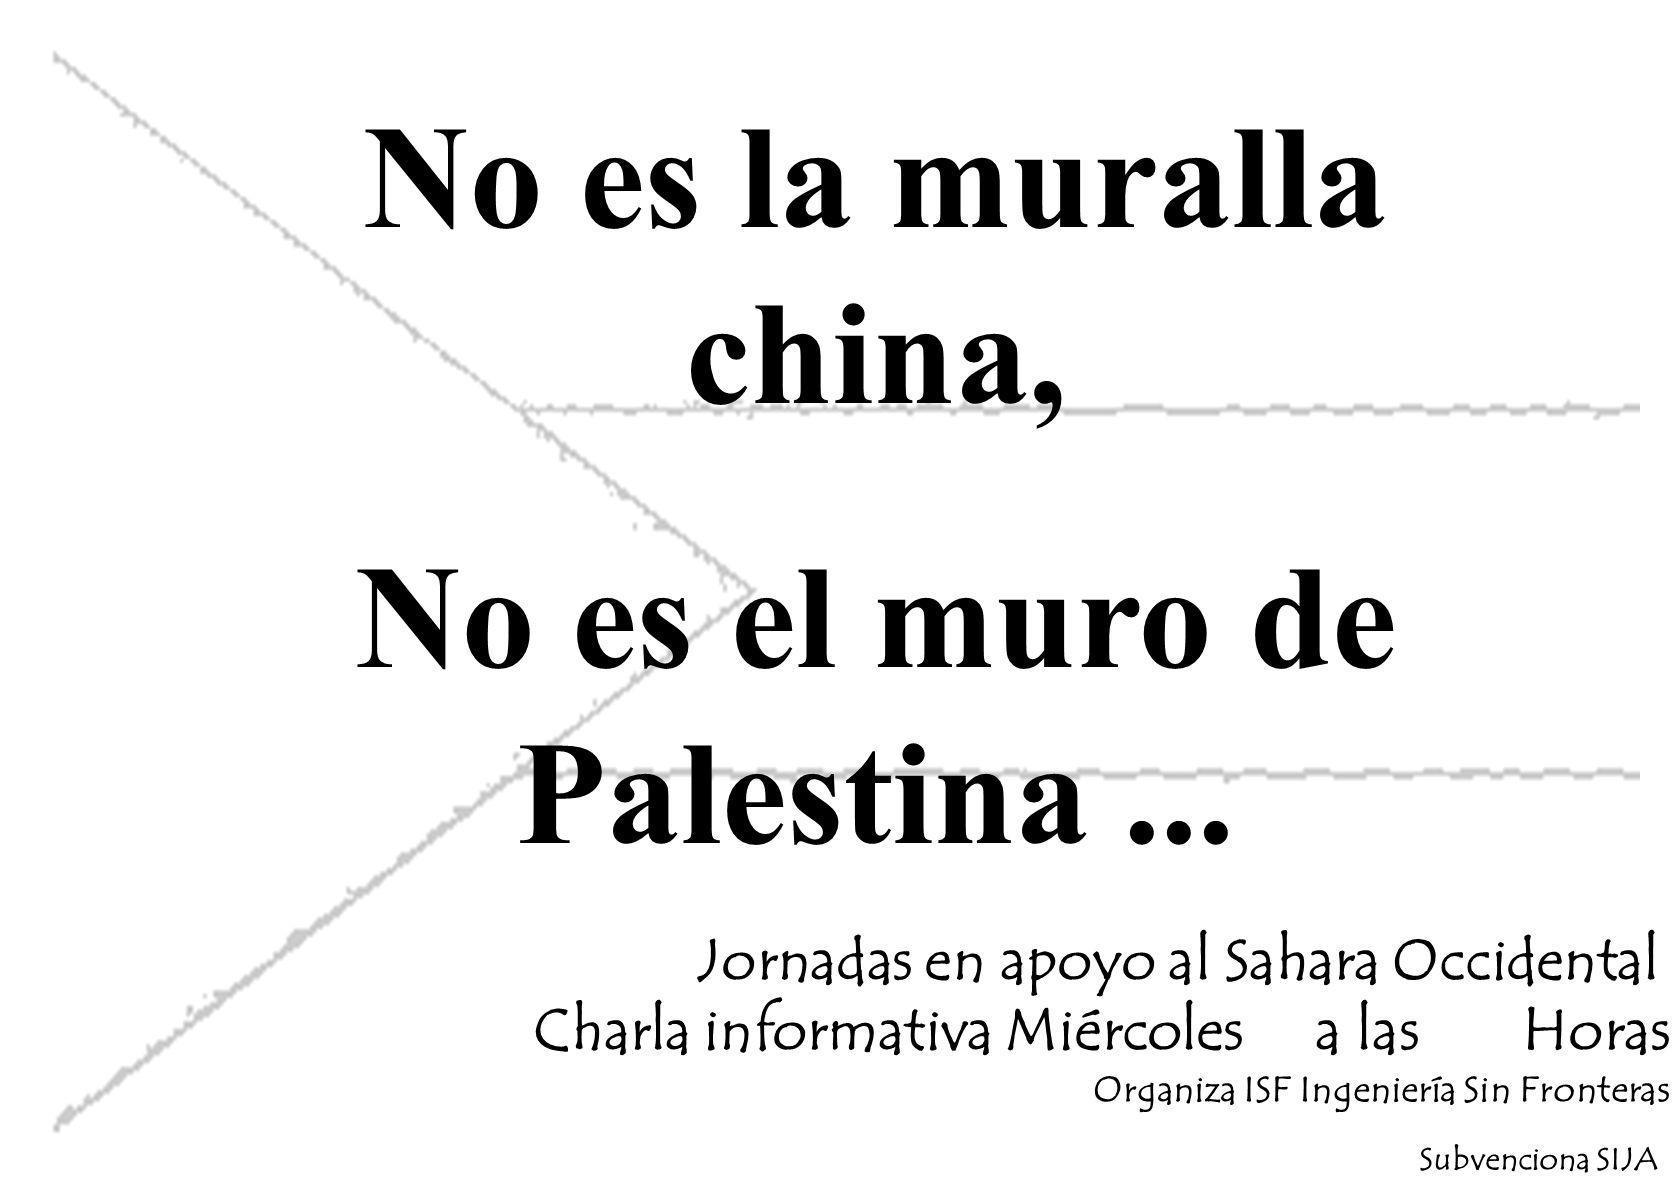 No es la muralla china, No es el muro de Palestina...